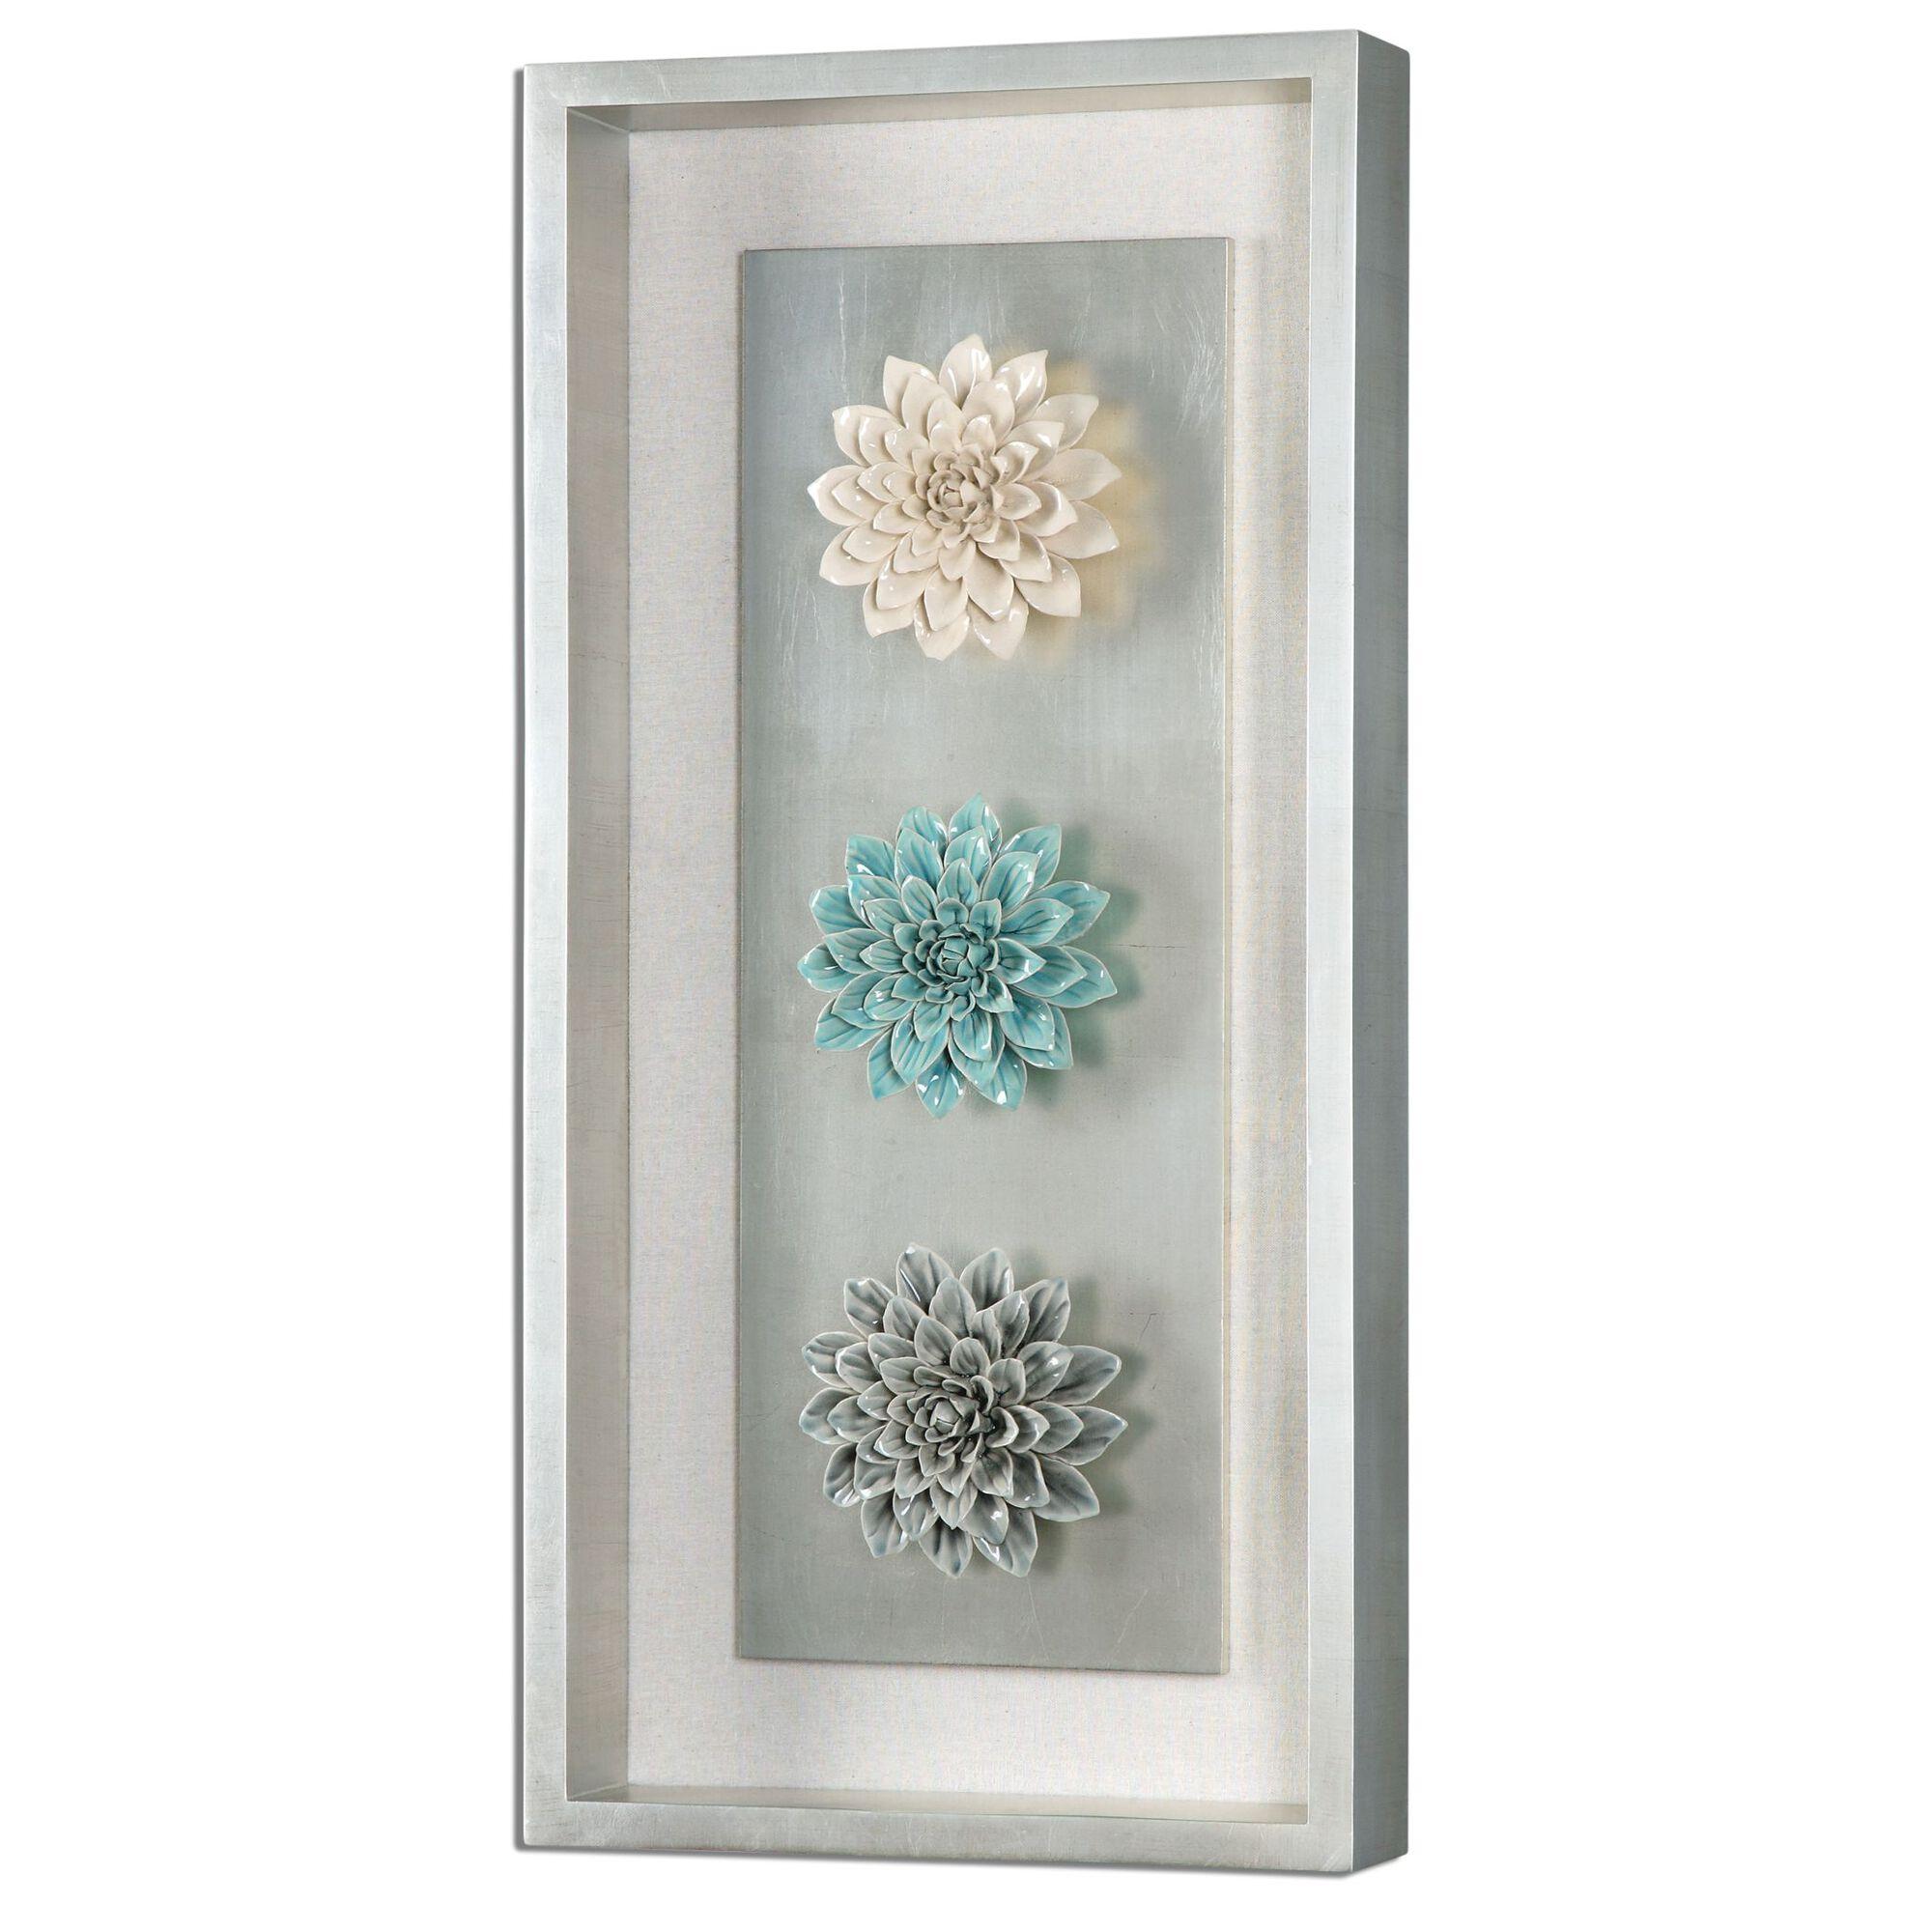 Ceramic Wall Flower Decor: Framed Ceramic Flower Wall Art In Silver Leaf